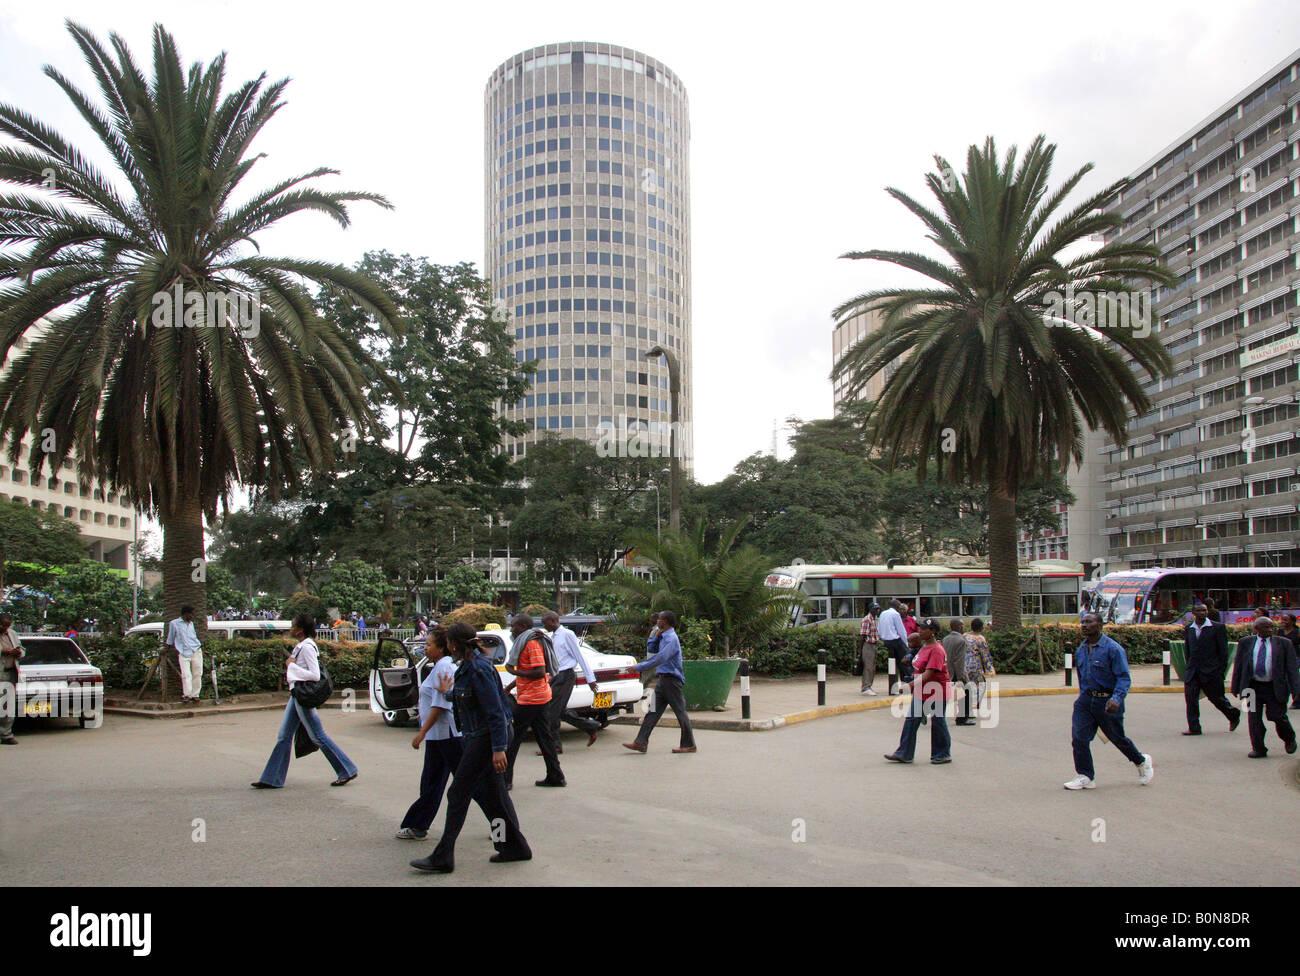 Kenya: City of Nairobi with Hilton Hotel (middle) - Stock Image